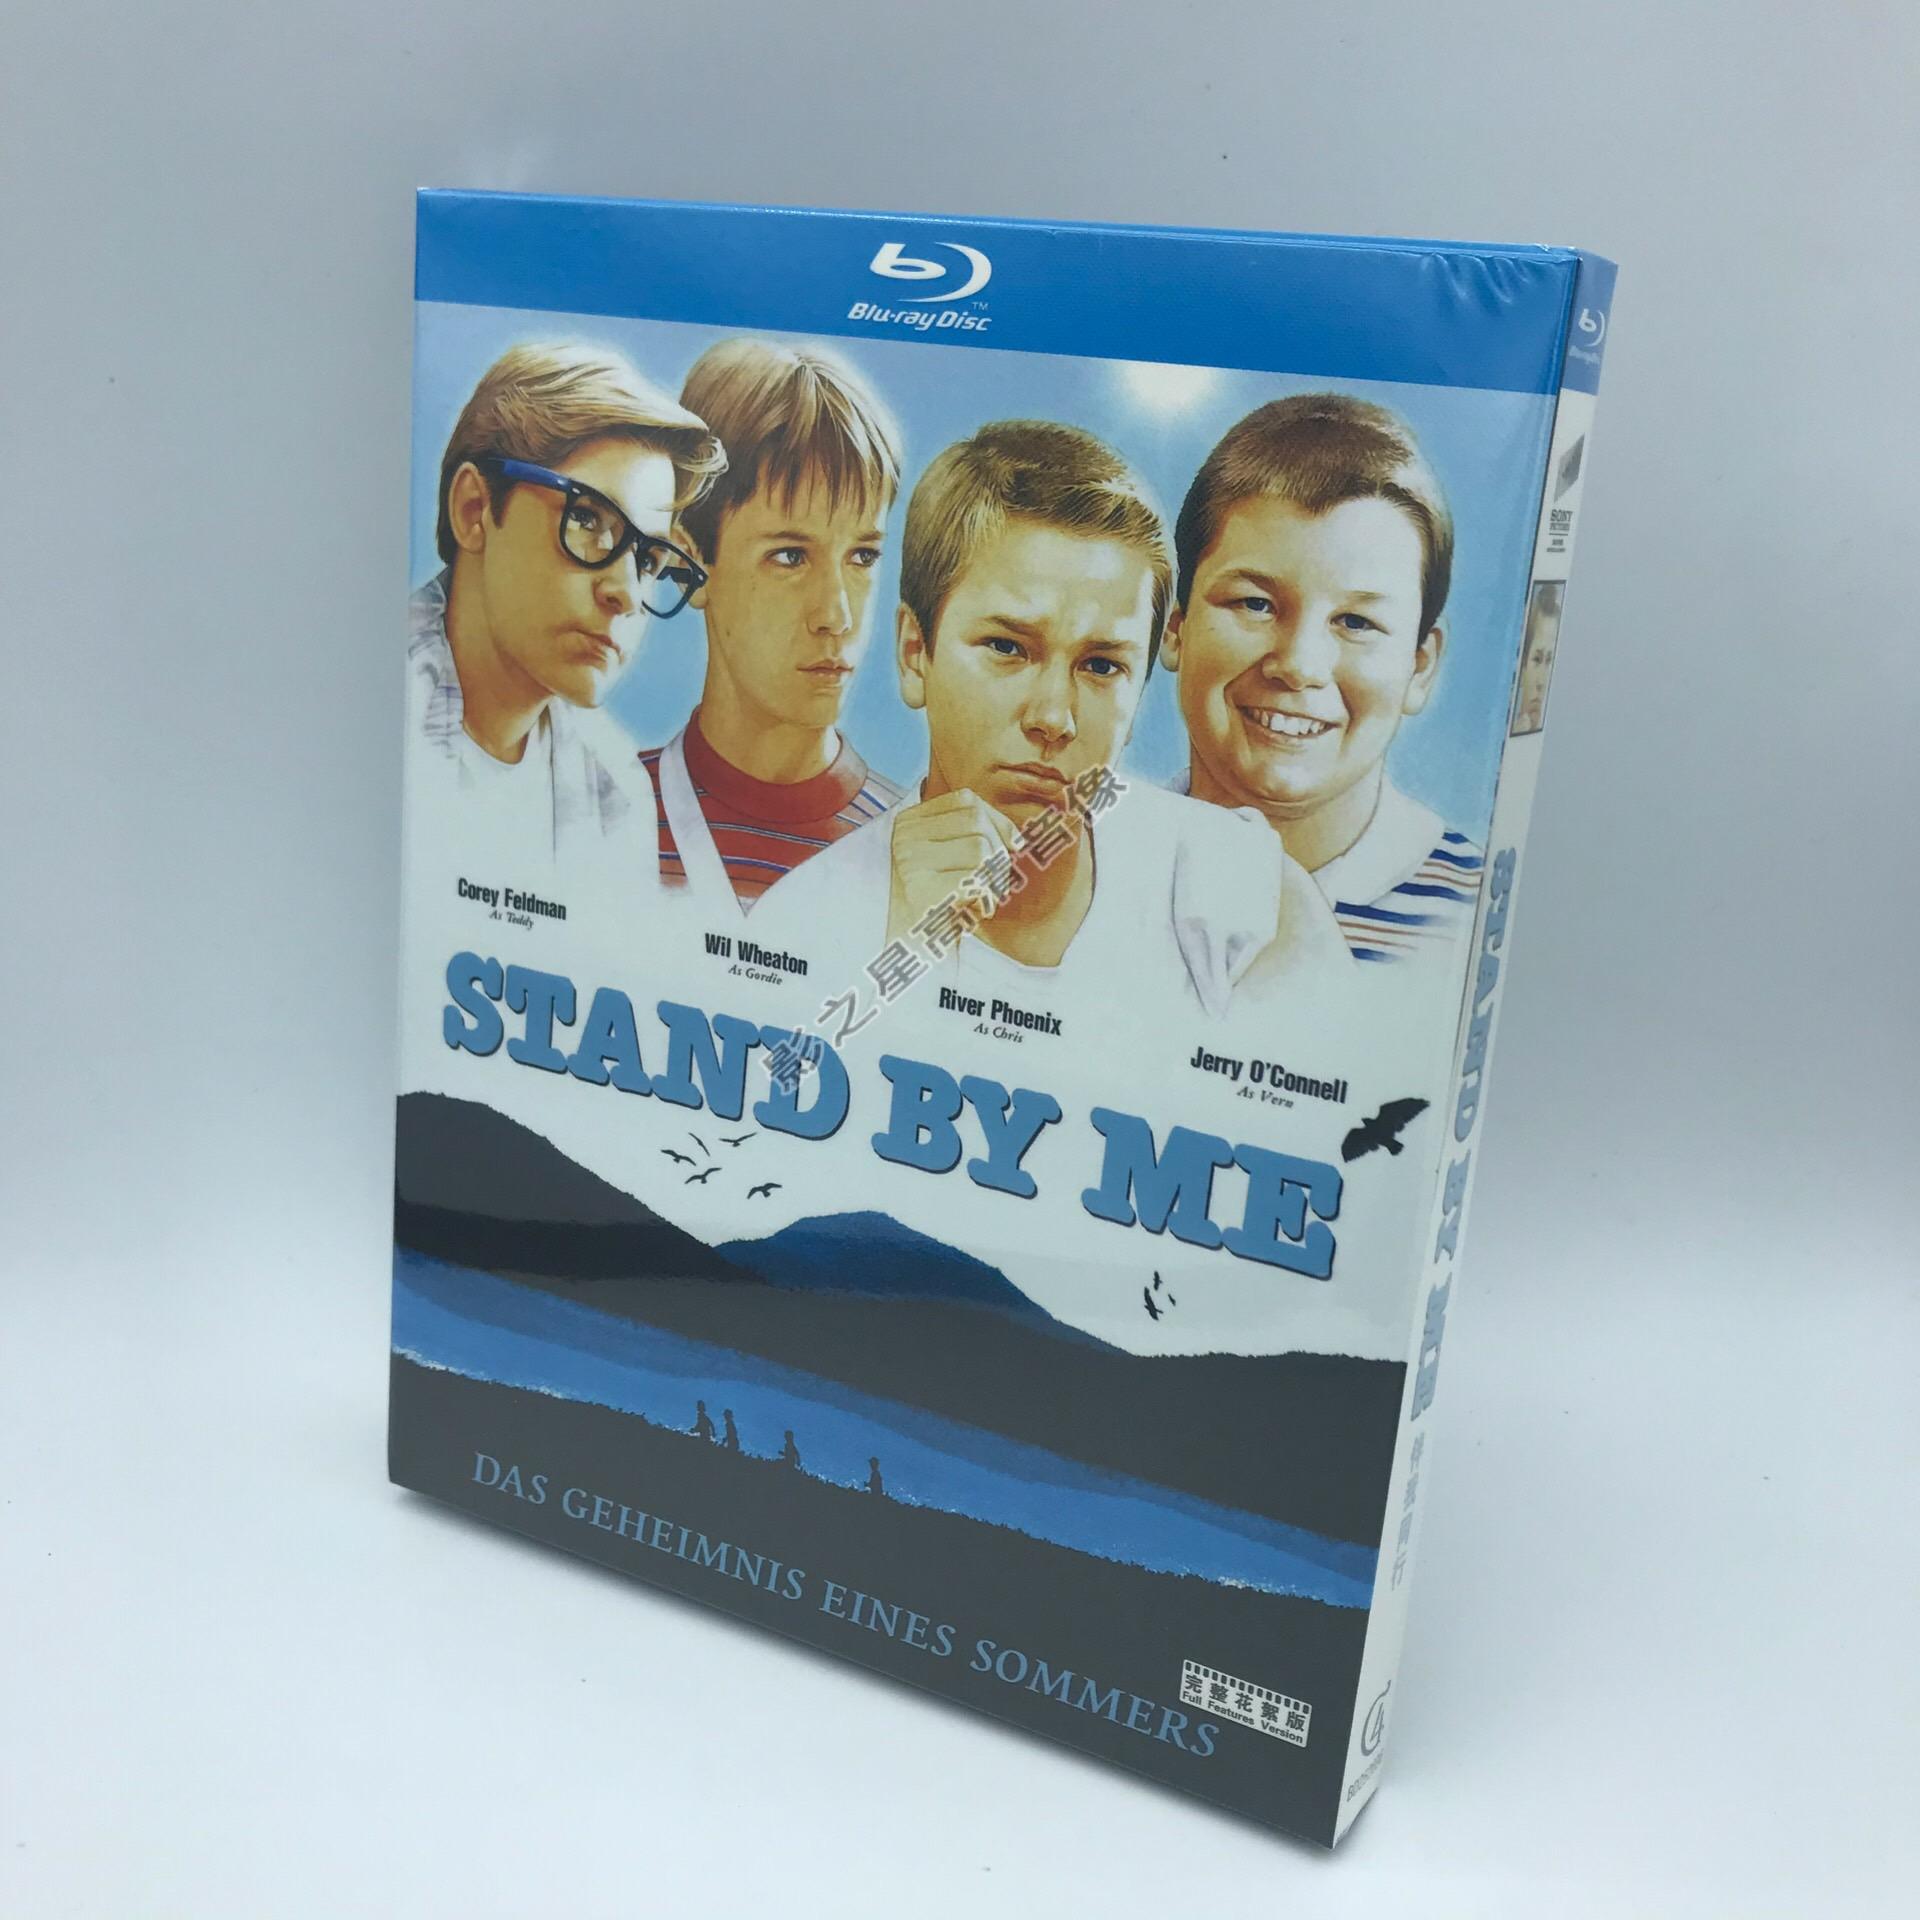 伴我同行/與我常在 / 站在我這邊 藍光BD高清 電影經典收藏版碟片@XI31227